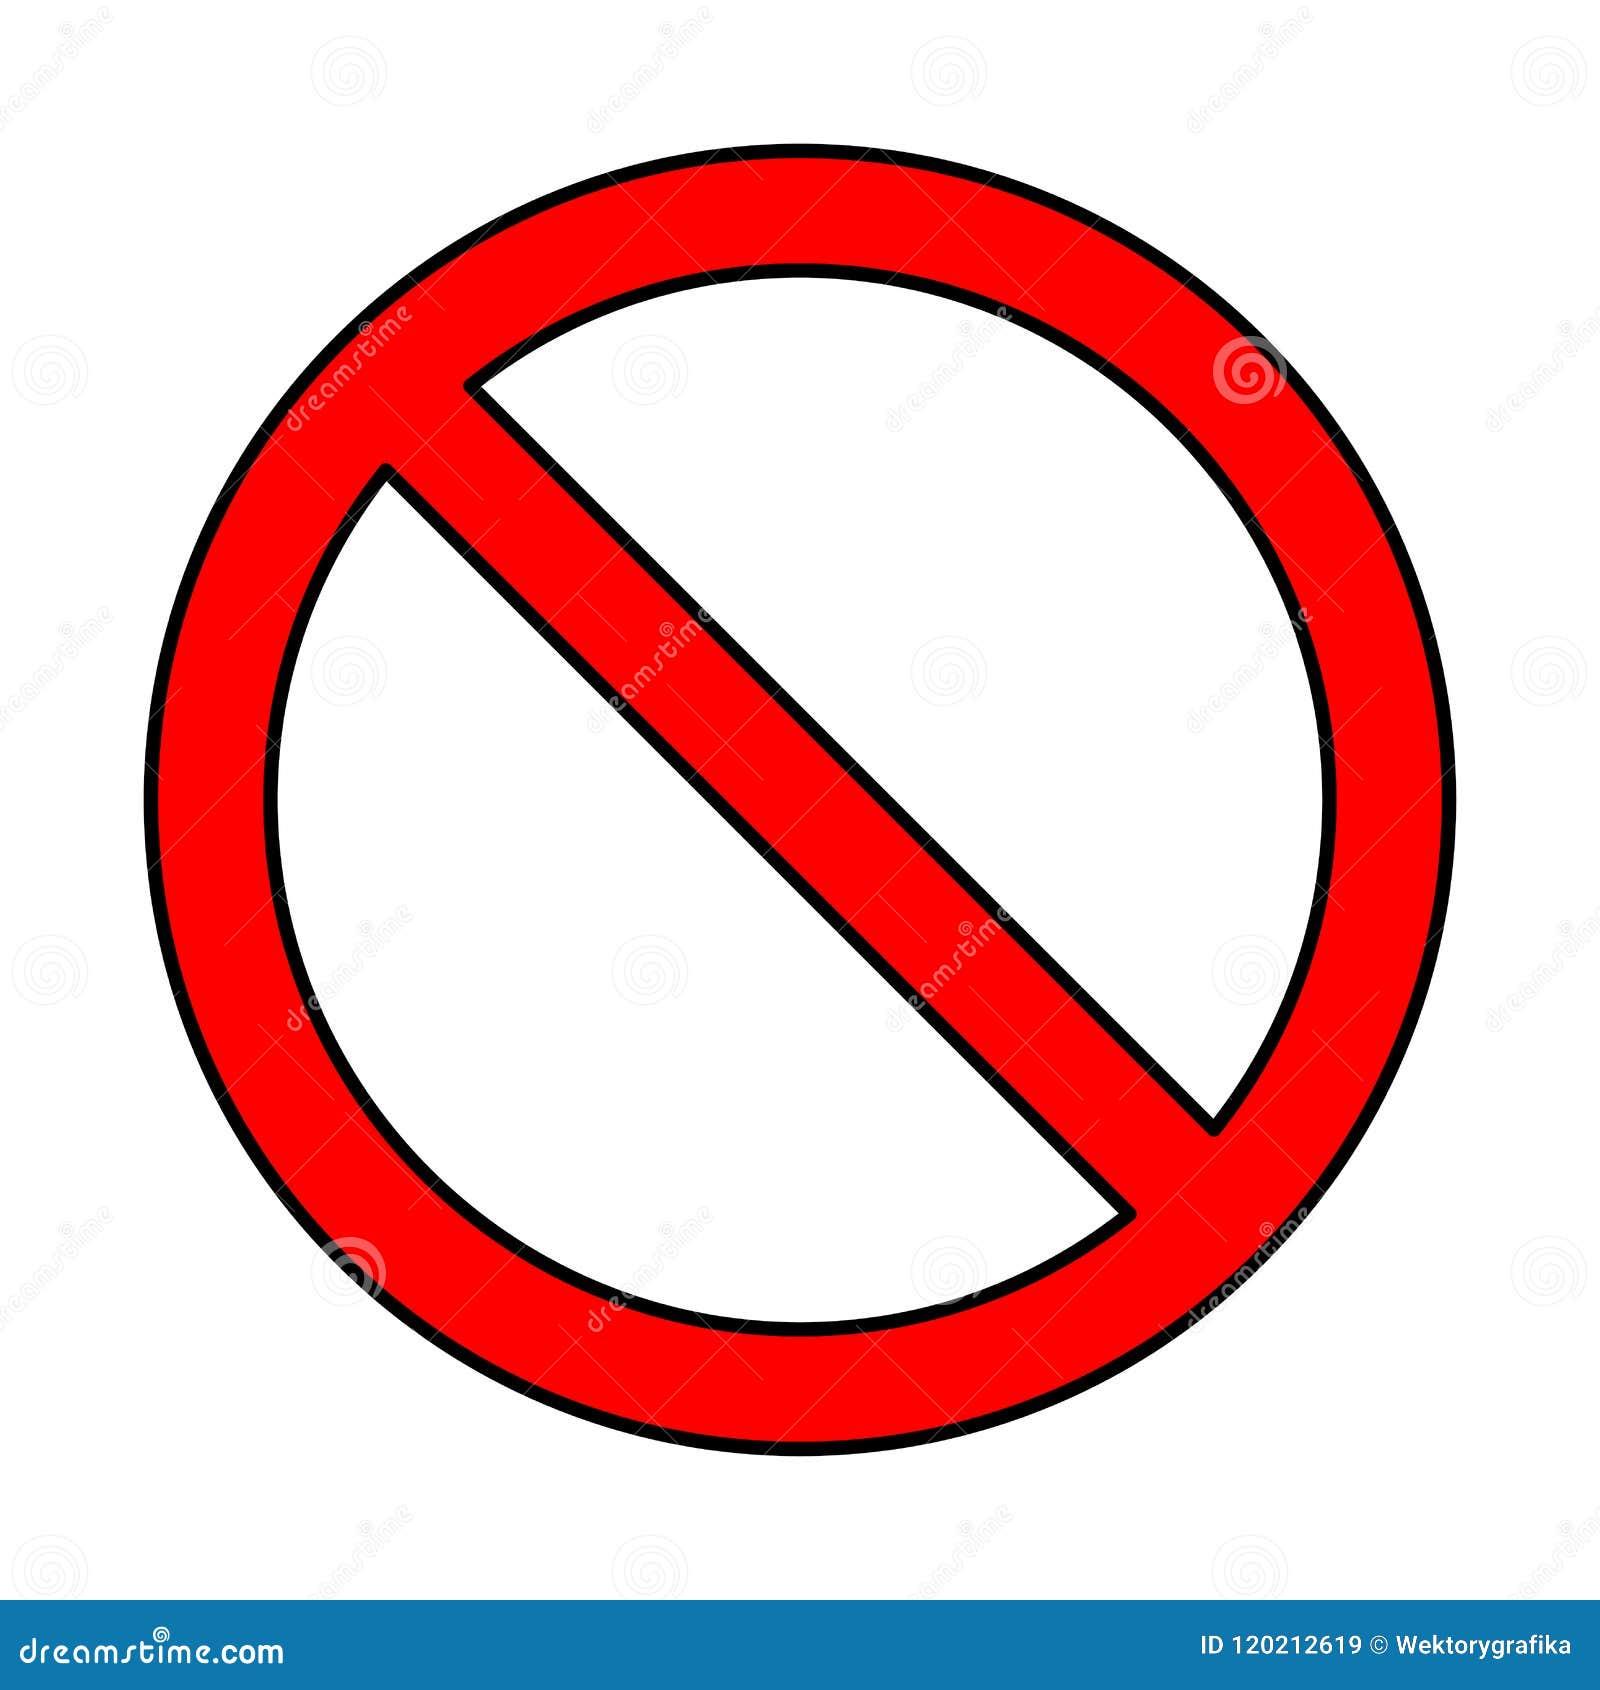 Nessun segno, progettazione di simbolo di proibizione isolato su fondo bianco